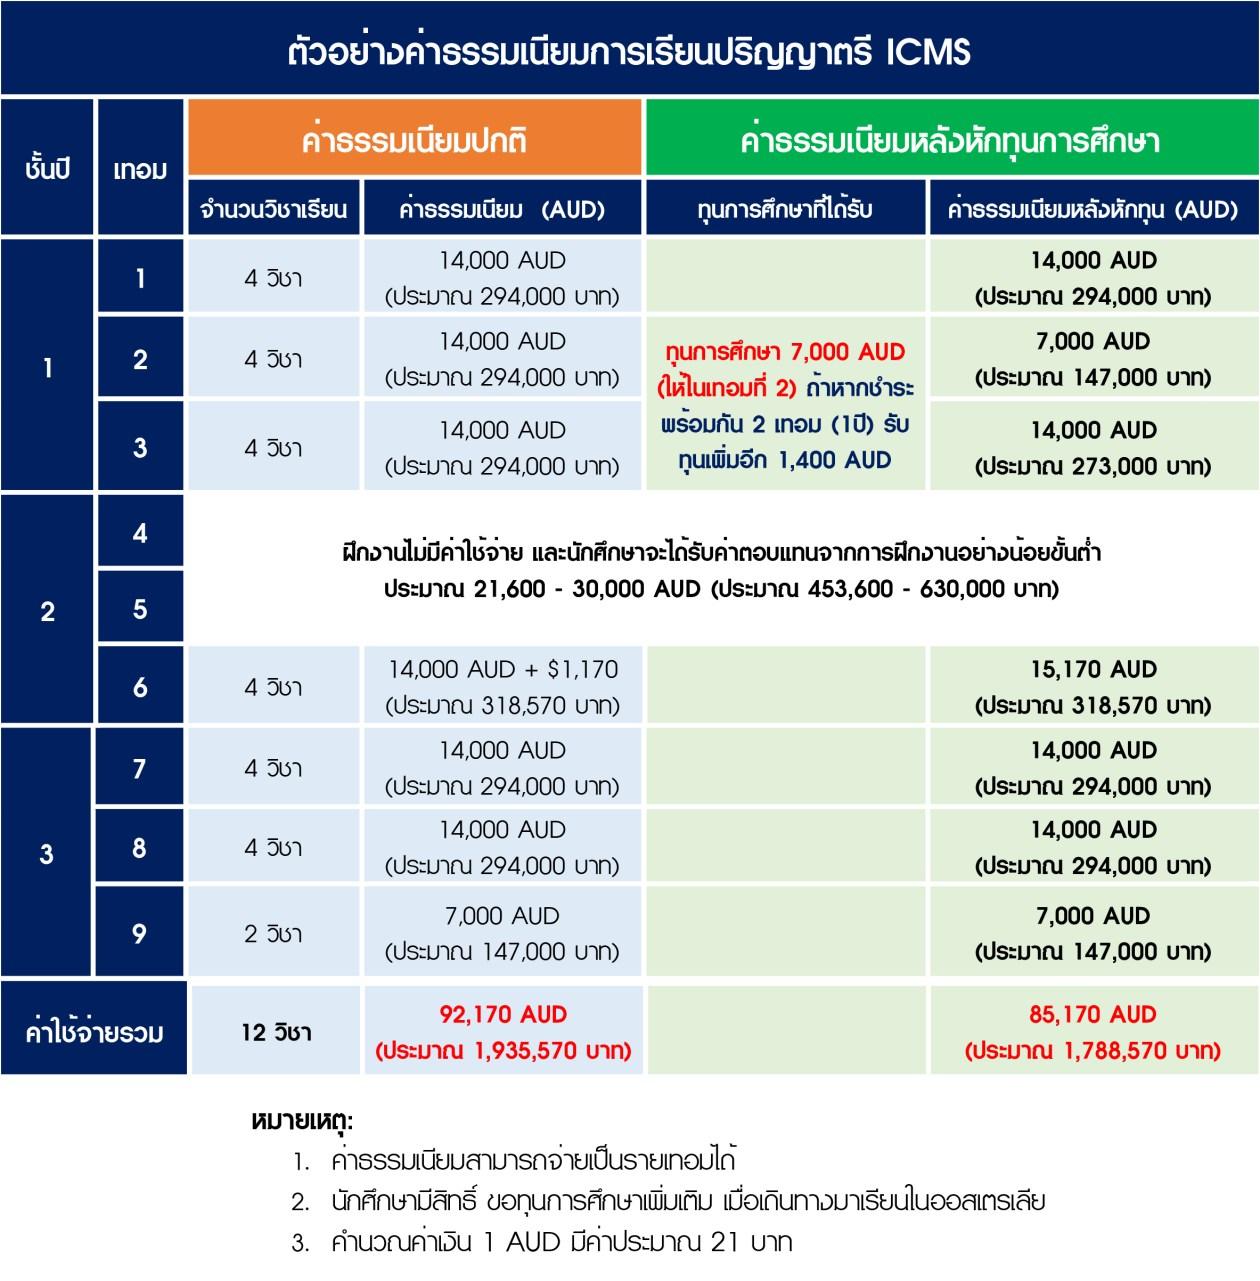 ค่าธรรมเนียมการเรียนปริญญาโท ICMS เมื่อได้รับทุนการศึกษา2.jpg